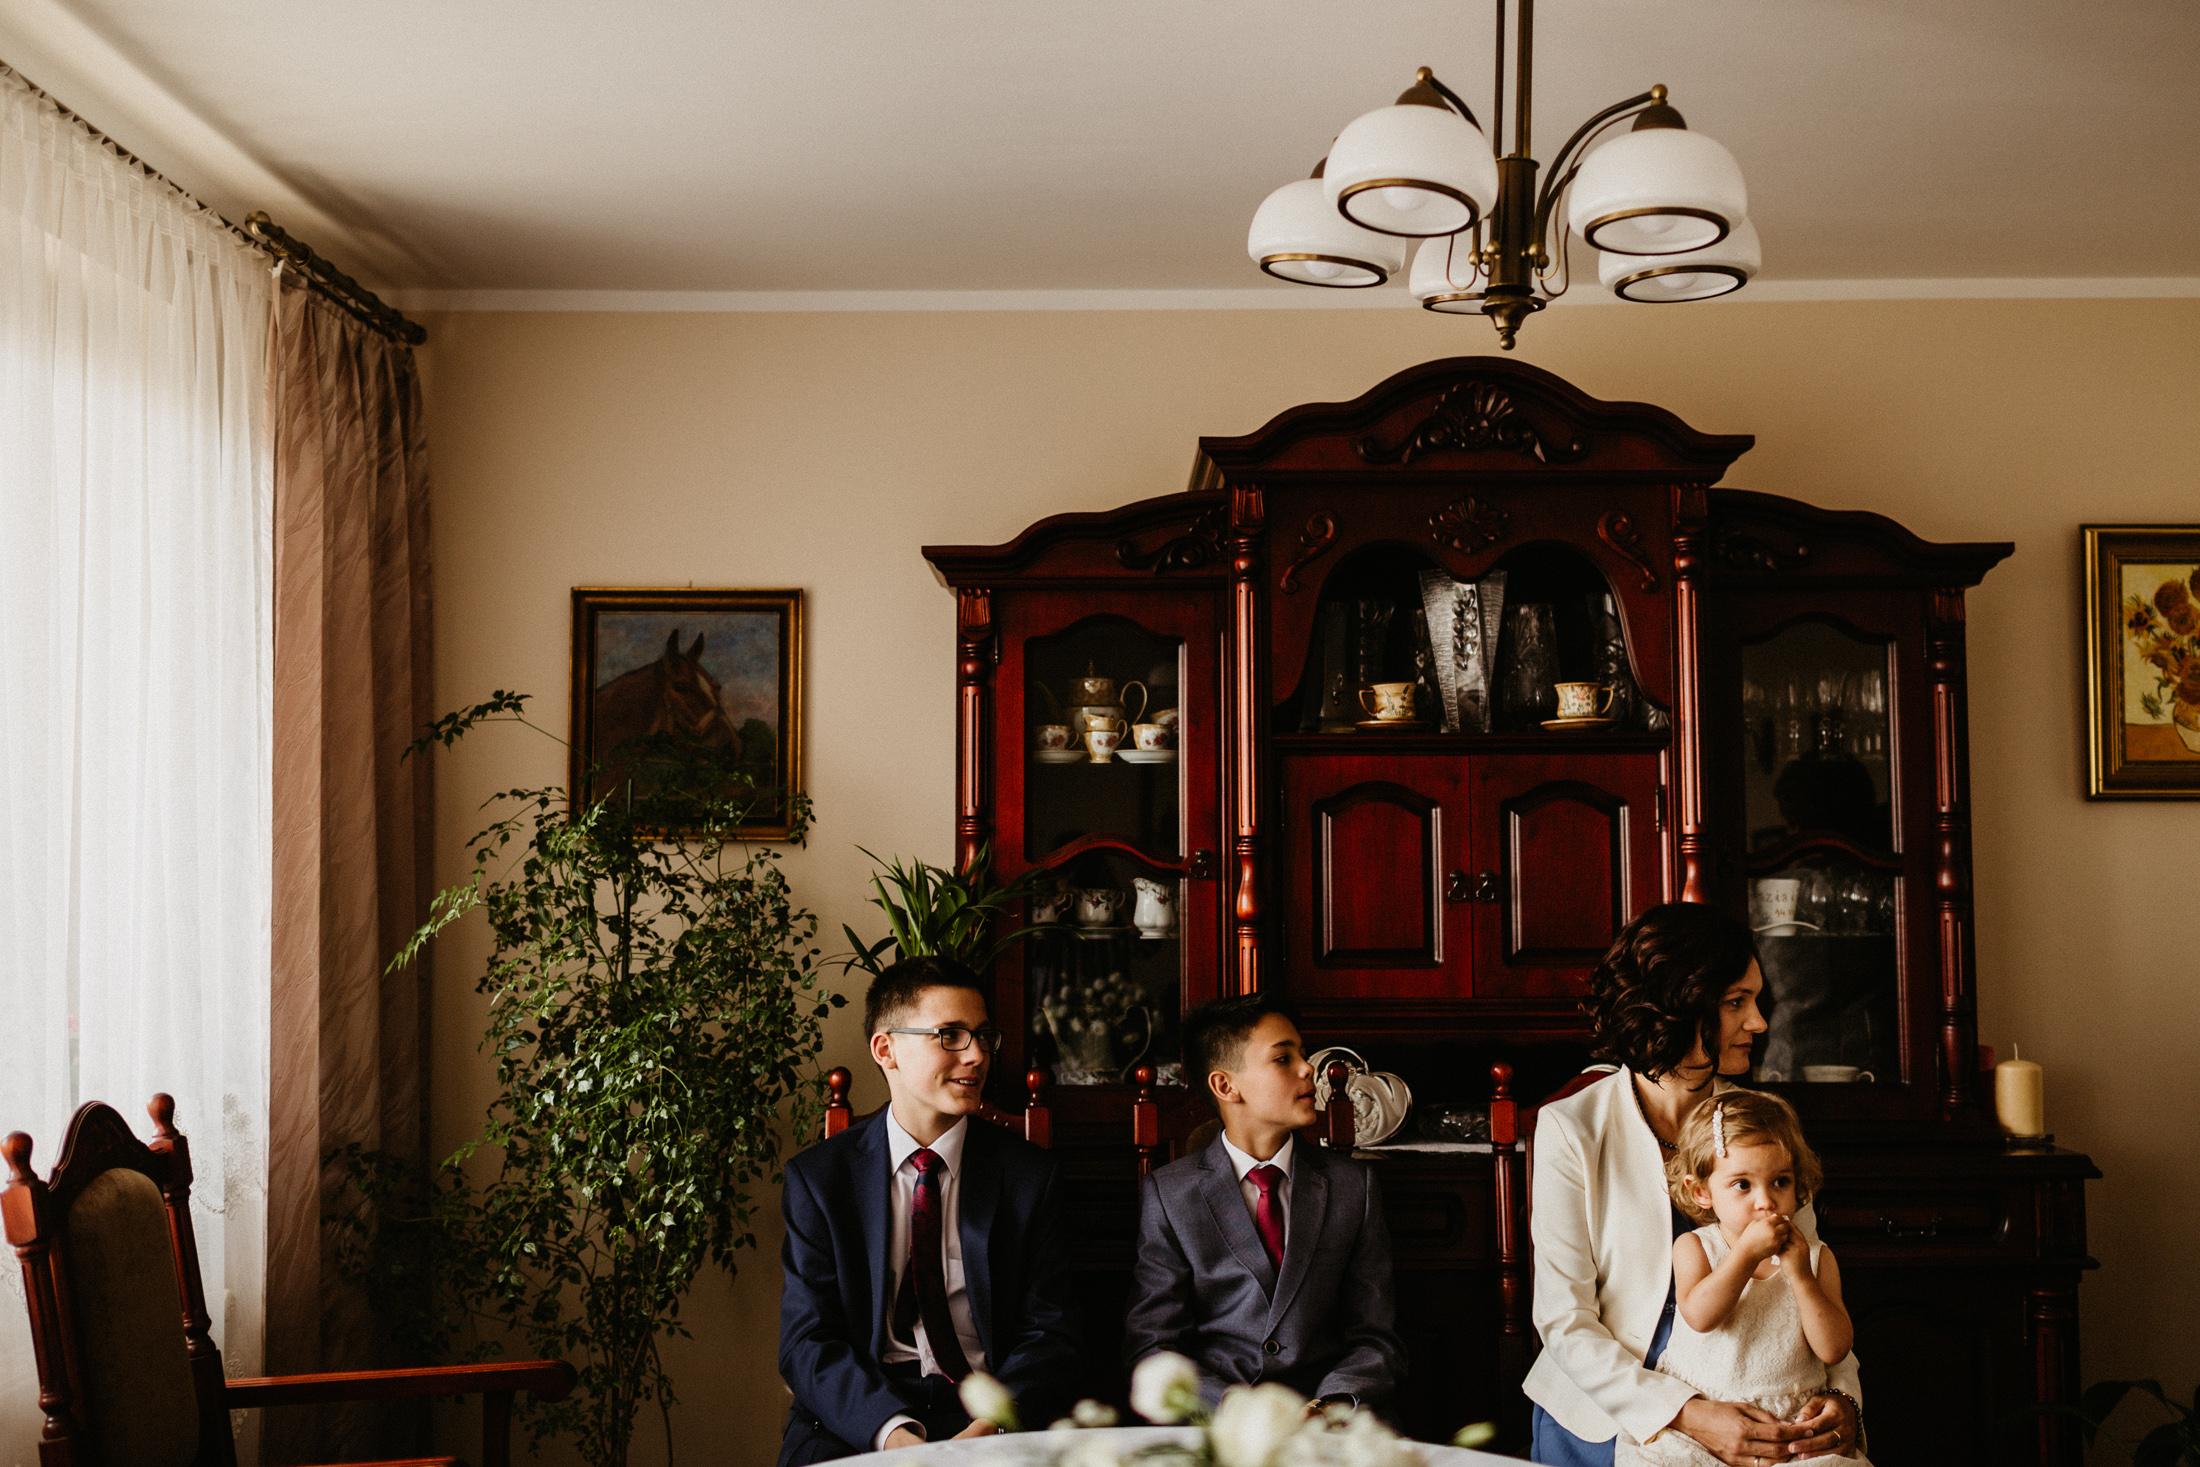 wesele w stodole folwark wiazy krakow slub 00010